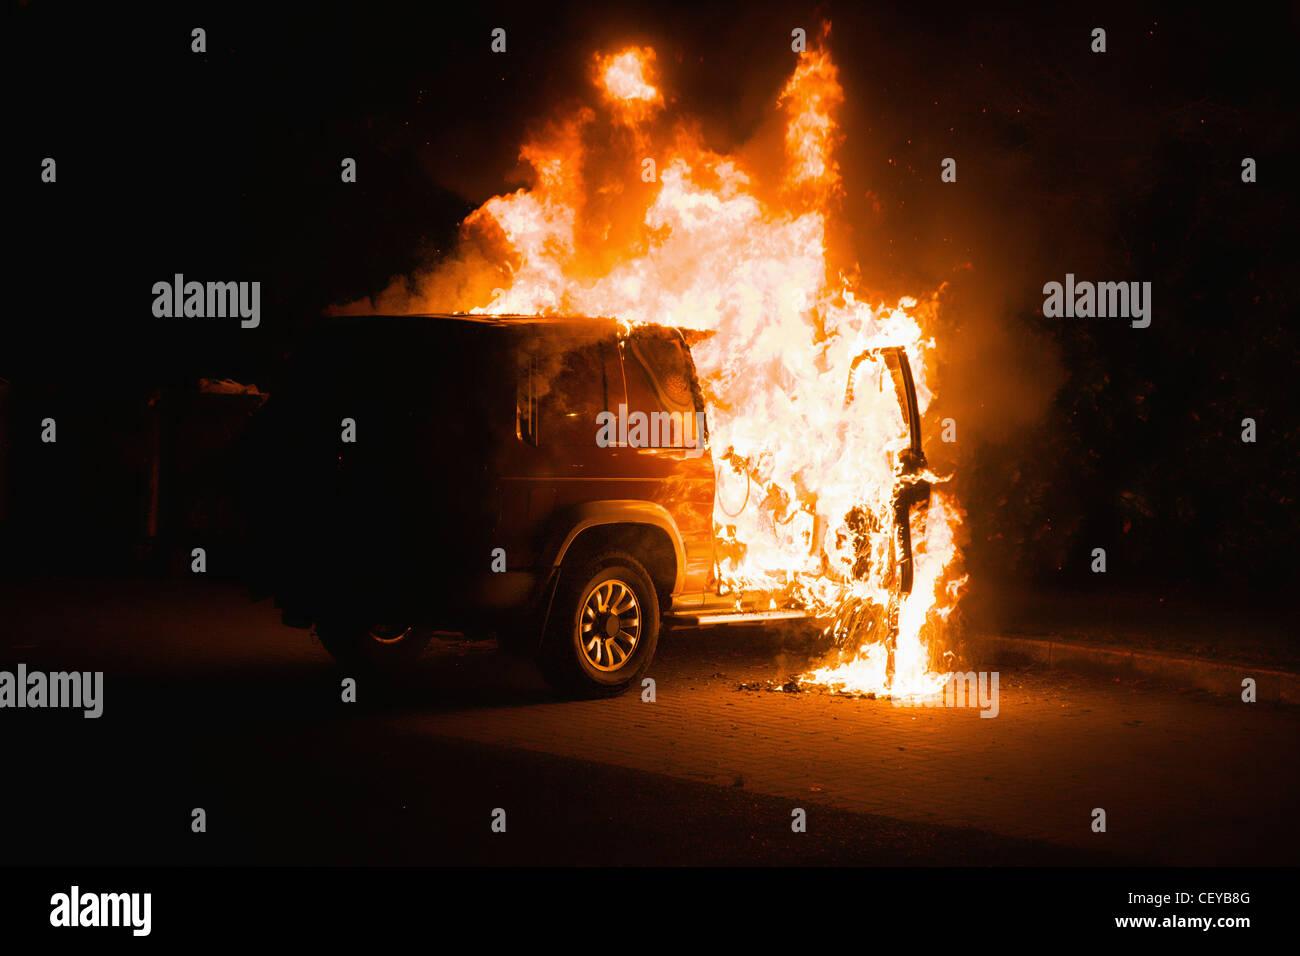 Un veicolo sul fuoco; Dublino contea di Dublino Irlanda Immagini Stock